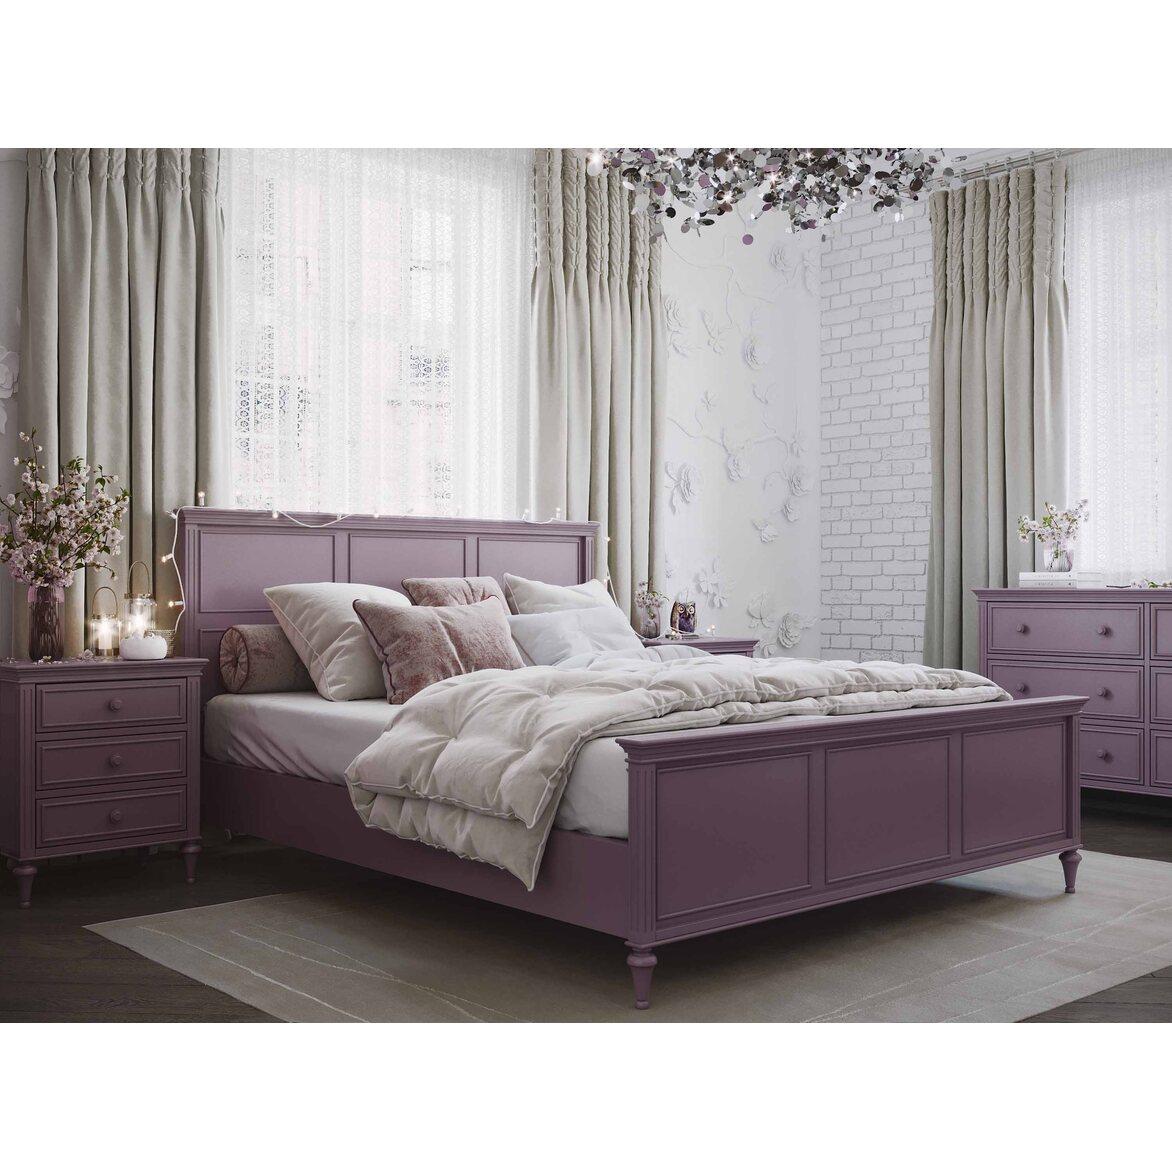 Кровать 180*200 Riverdi, орхидея, с изножьем 4 | Двуспальные кровати Kingsby